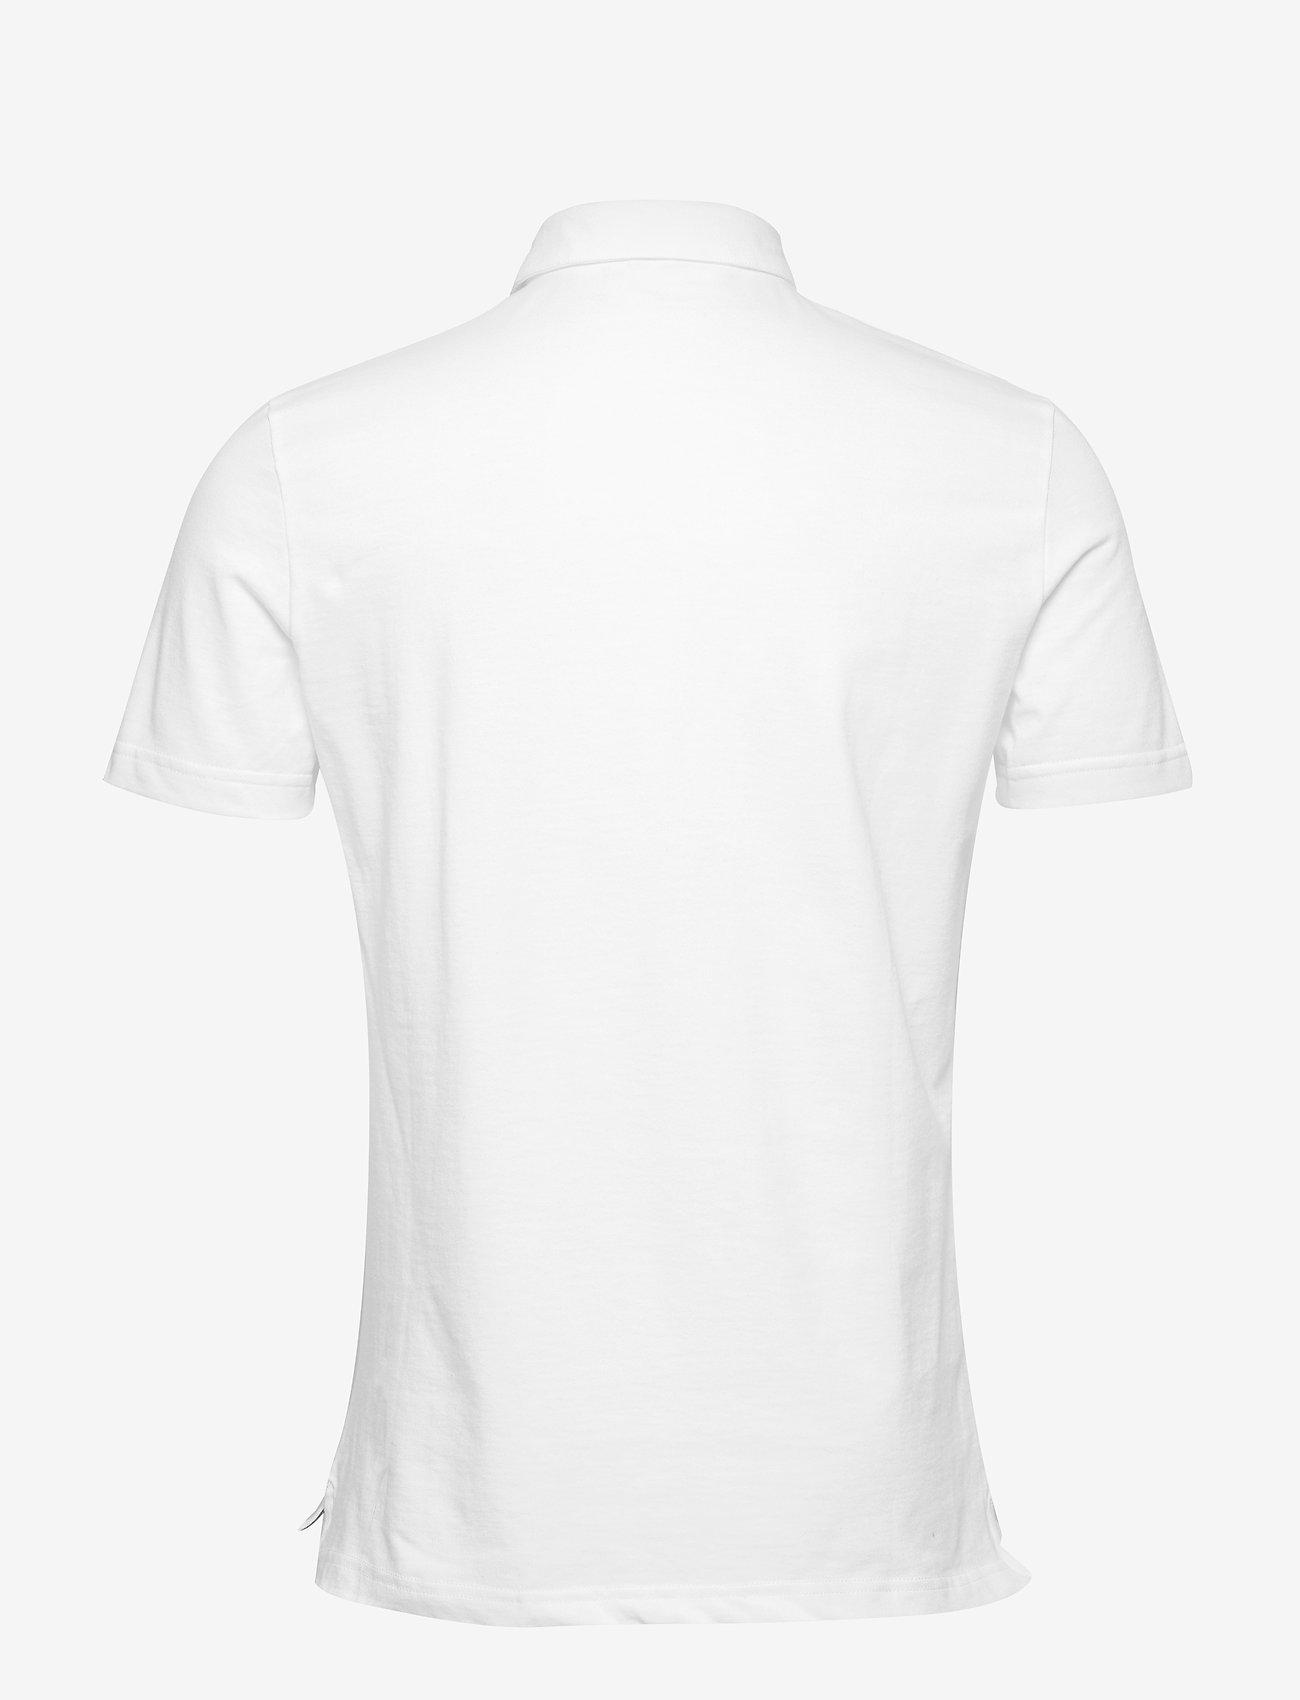 Ess Polo Ss N°1 M (New Optical White) (719.20 kr) - Le Coq Sportif